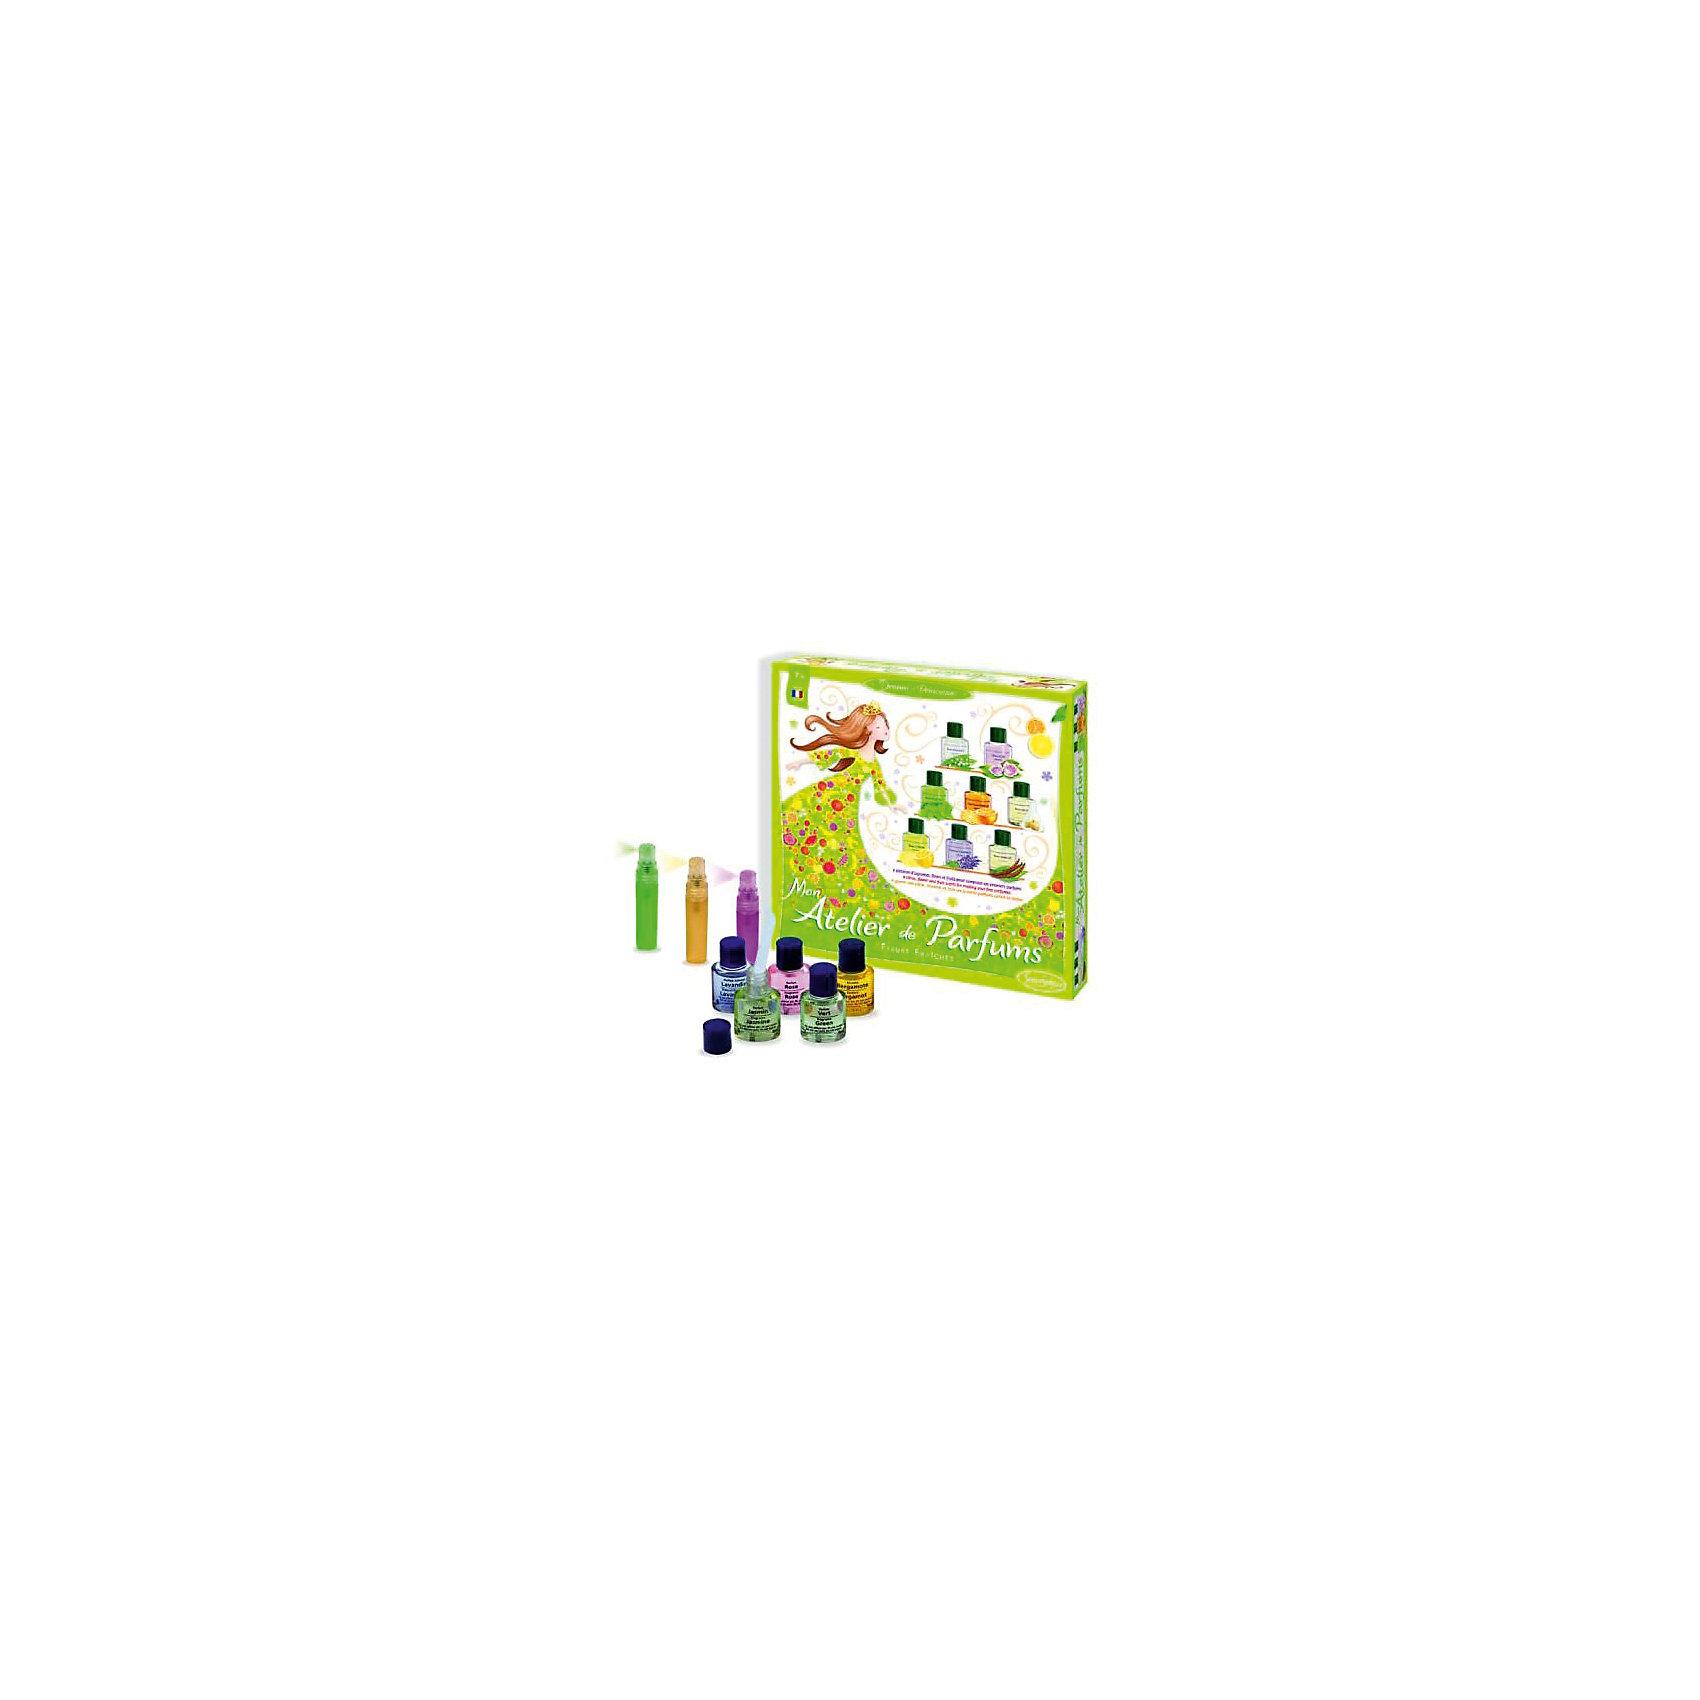 Набор Салон парфюм. Весенние цветыНабор Салон парфюм. Весенние цветы – это отличный набор для того, чтобы попробовать создать необыкновенные духи.<br>Набор для детского творчества Салон парфюм. Весенние цветы от французского производителя Sentosphere (Сентосфере) – прекрасный творческий подарок для маленьких модниц. В наборе девочка найдет все необходимое для того, чтобы создать собственный парфюм. 8 базовых ароматов и все необходимые приспособления позволят девочке проявить творческие способности и придумать свои необычные духи. Получившийся аромат можно перелить в бутылочку со спреем и носить всегда с собой. Все детали набора изготовлены из высококачественных и гипоаллергенных материалов. Набор продается в яркой красочной коробке и идеально подходит для подарка.<br><br>Дополнительная информация:<br><br>- В наборе: 8 базовых парфюмированных масел по 6 мл, 3 бутылочки со спреями, 8 пипеток, салфетки, подробная инструкция<br>- Размер упаковки: 28,5 х 5 х 28,5 см.<br>- Вес: 500 гр.<br><br>Набор Салон парфюм. Весенние цветы можно купить в нашем интернет-магазине.<br><br>Ширина мм: 285<br>Глубина мм: 50<br>Высота мм: 285<br>Вес г: 500<br>Возраст от месяцев: 96<br>Возраст до месяцев: 156<br>Пол: Женский<br>Возраст: Детский<br>SKU: 4305770